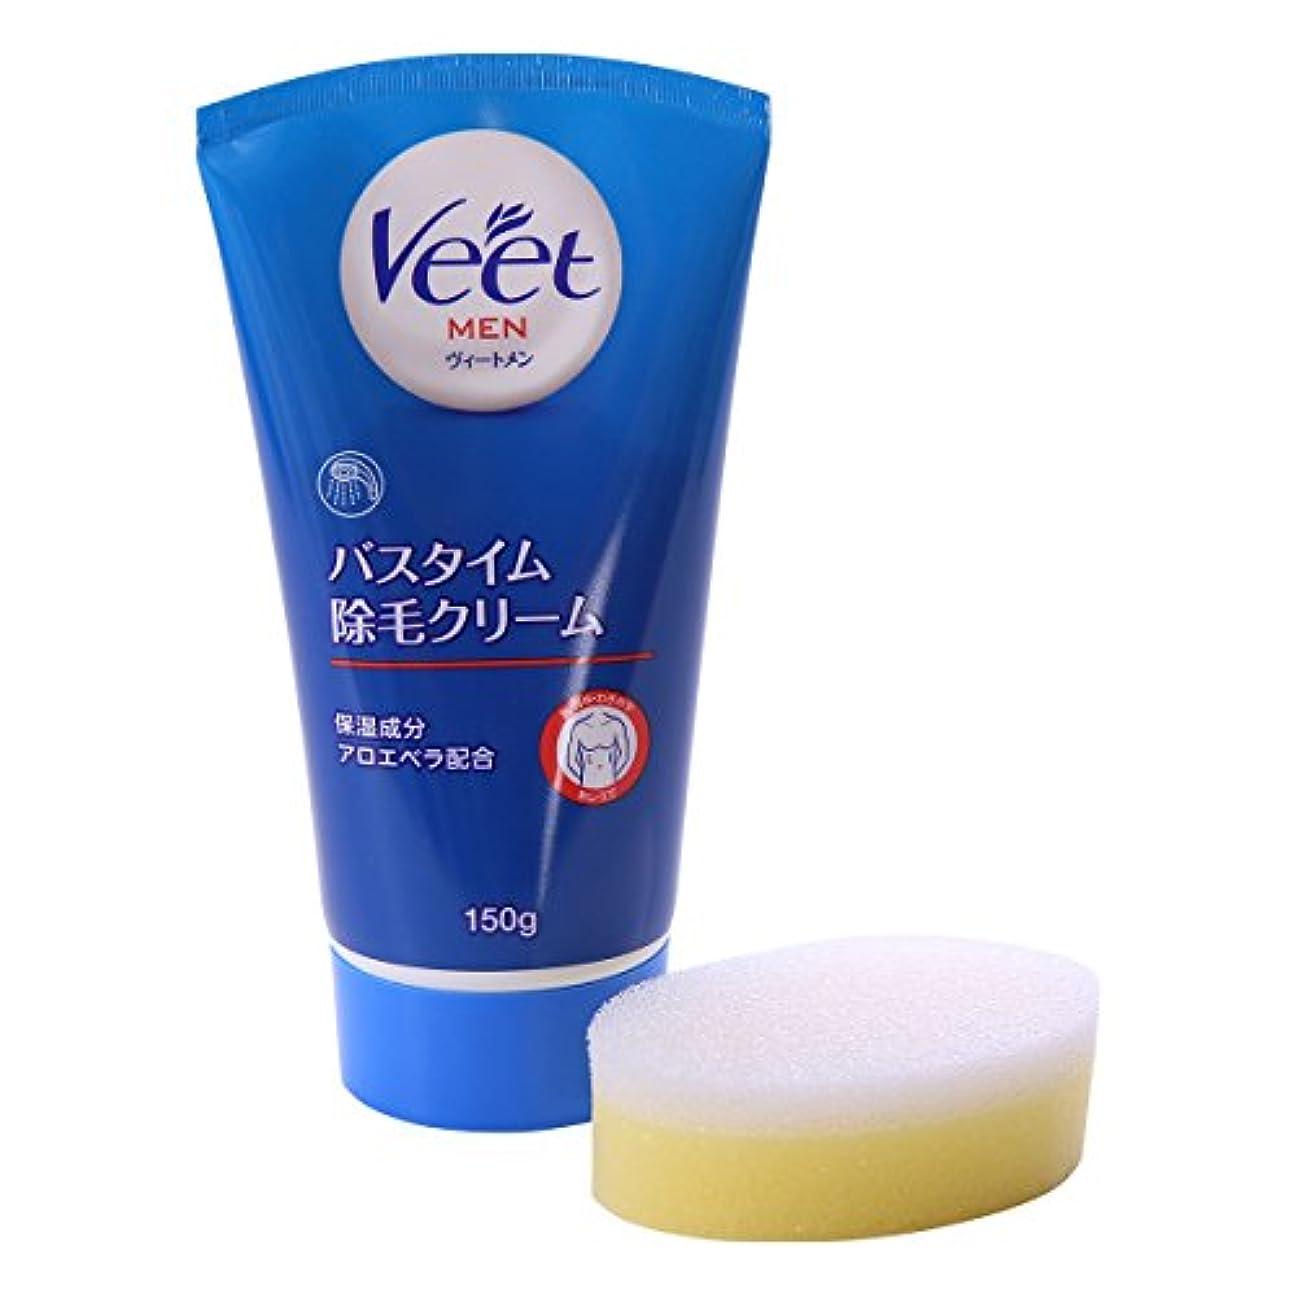 不適当不適当返還(ヴィート)Veet メンズ バスタイム 除毛クリーム あし うで 胸 背中 わきの下